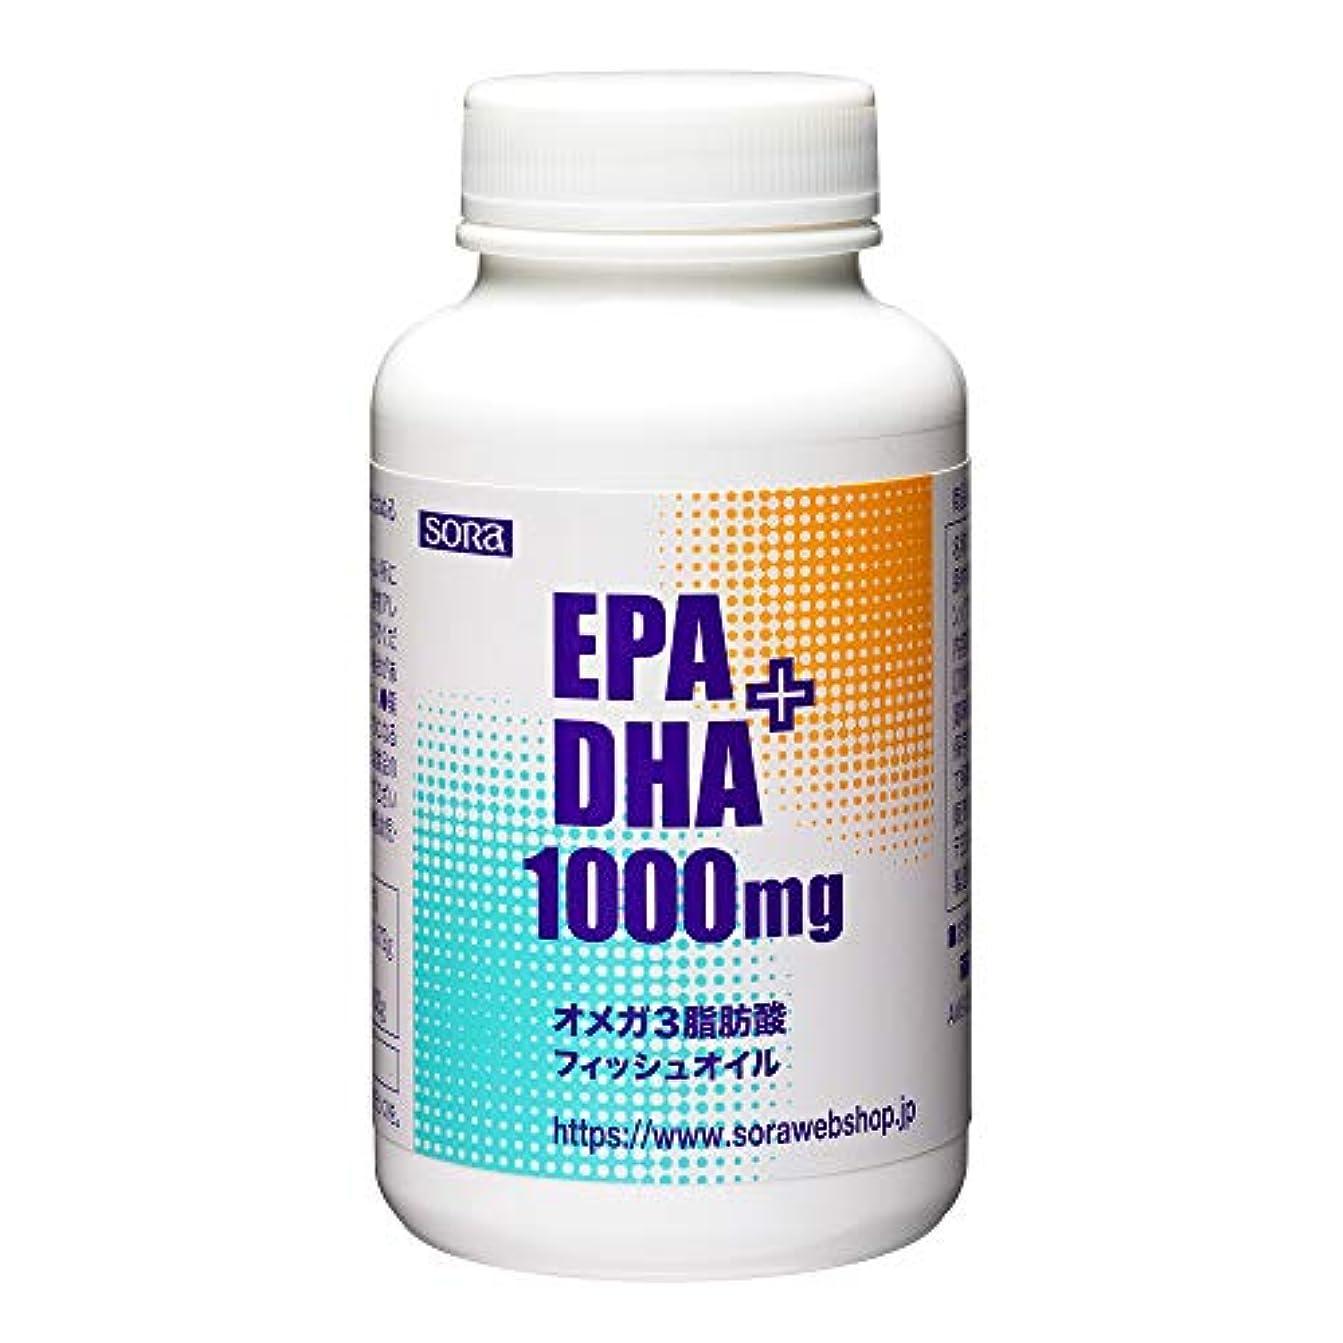 マウントファンタジーポスト印象派そら EPA+DHA 1000mg (魚のオイル オメガ3 180粒入)